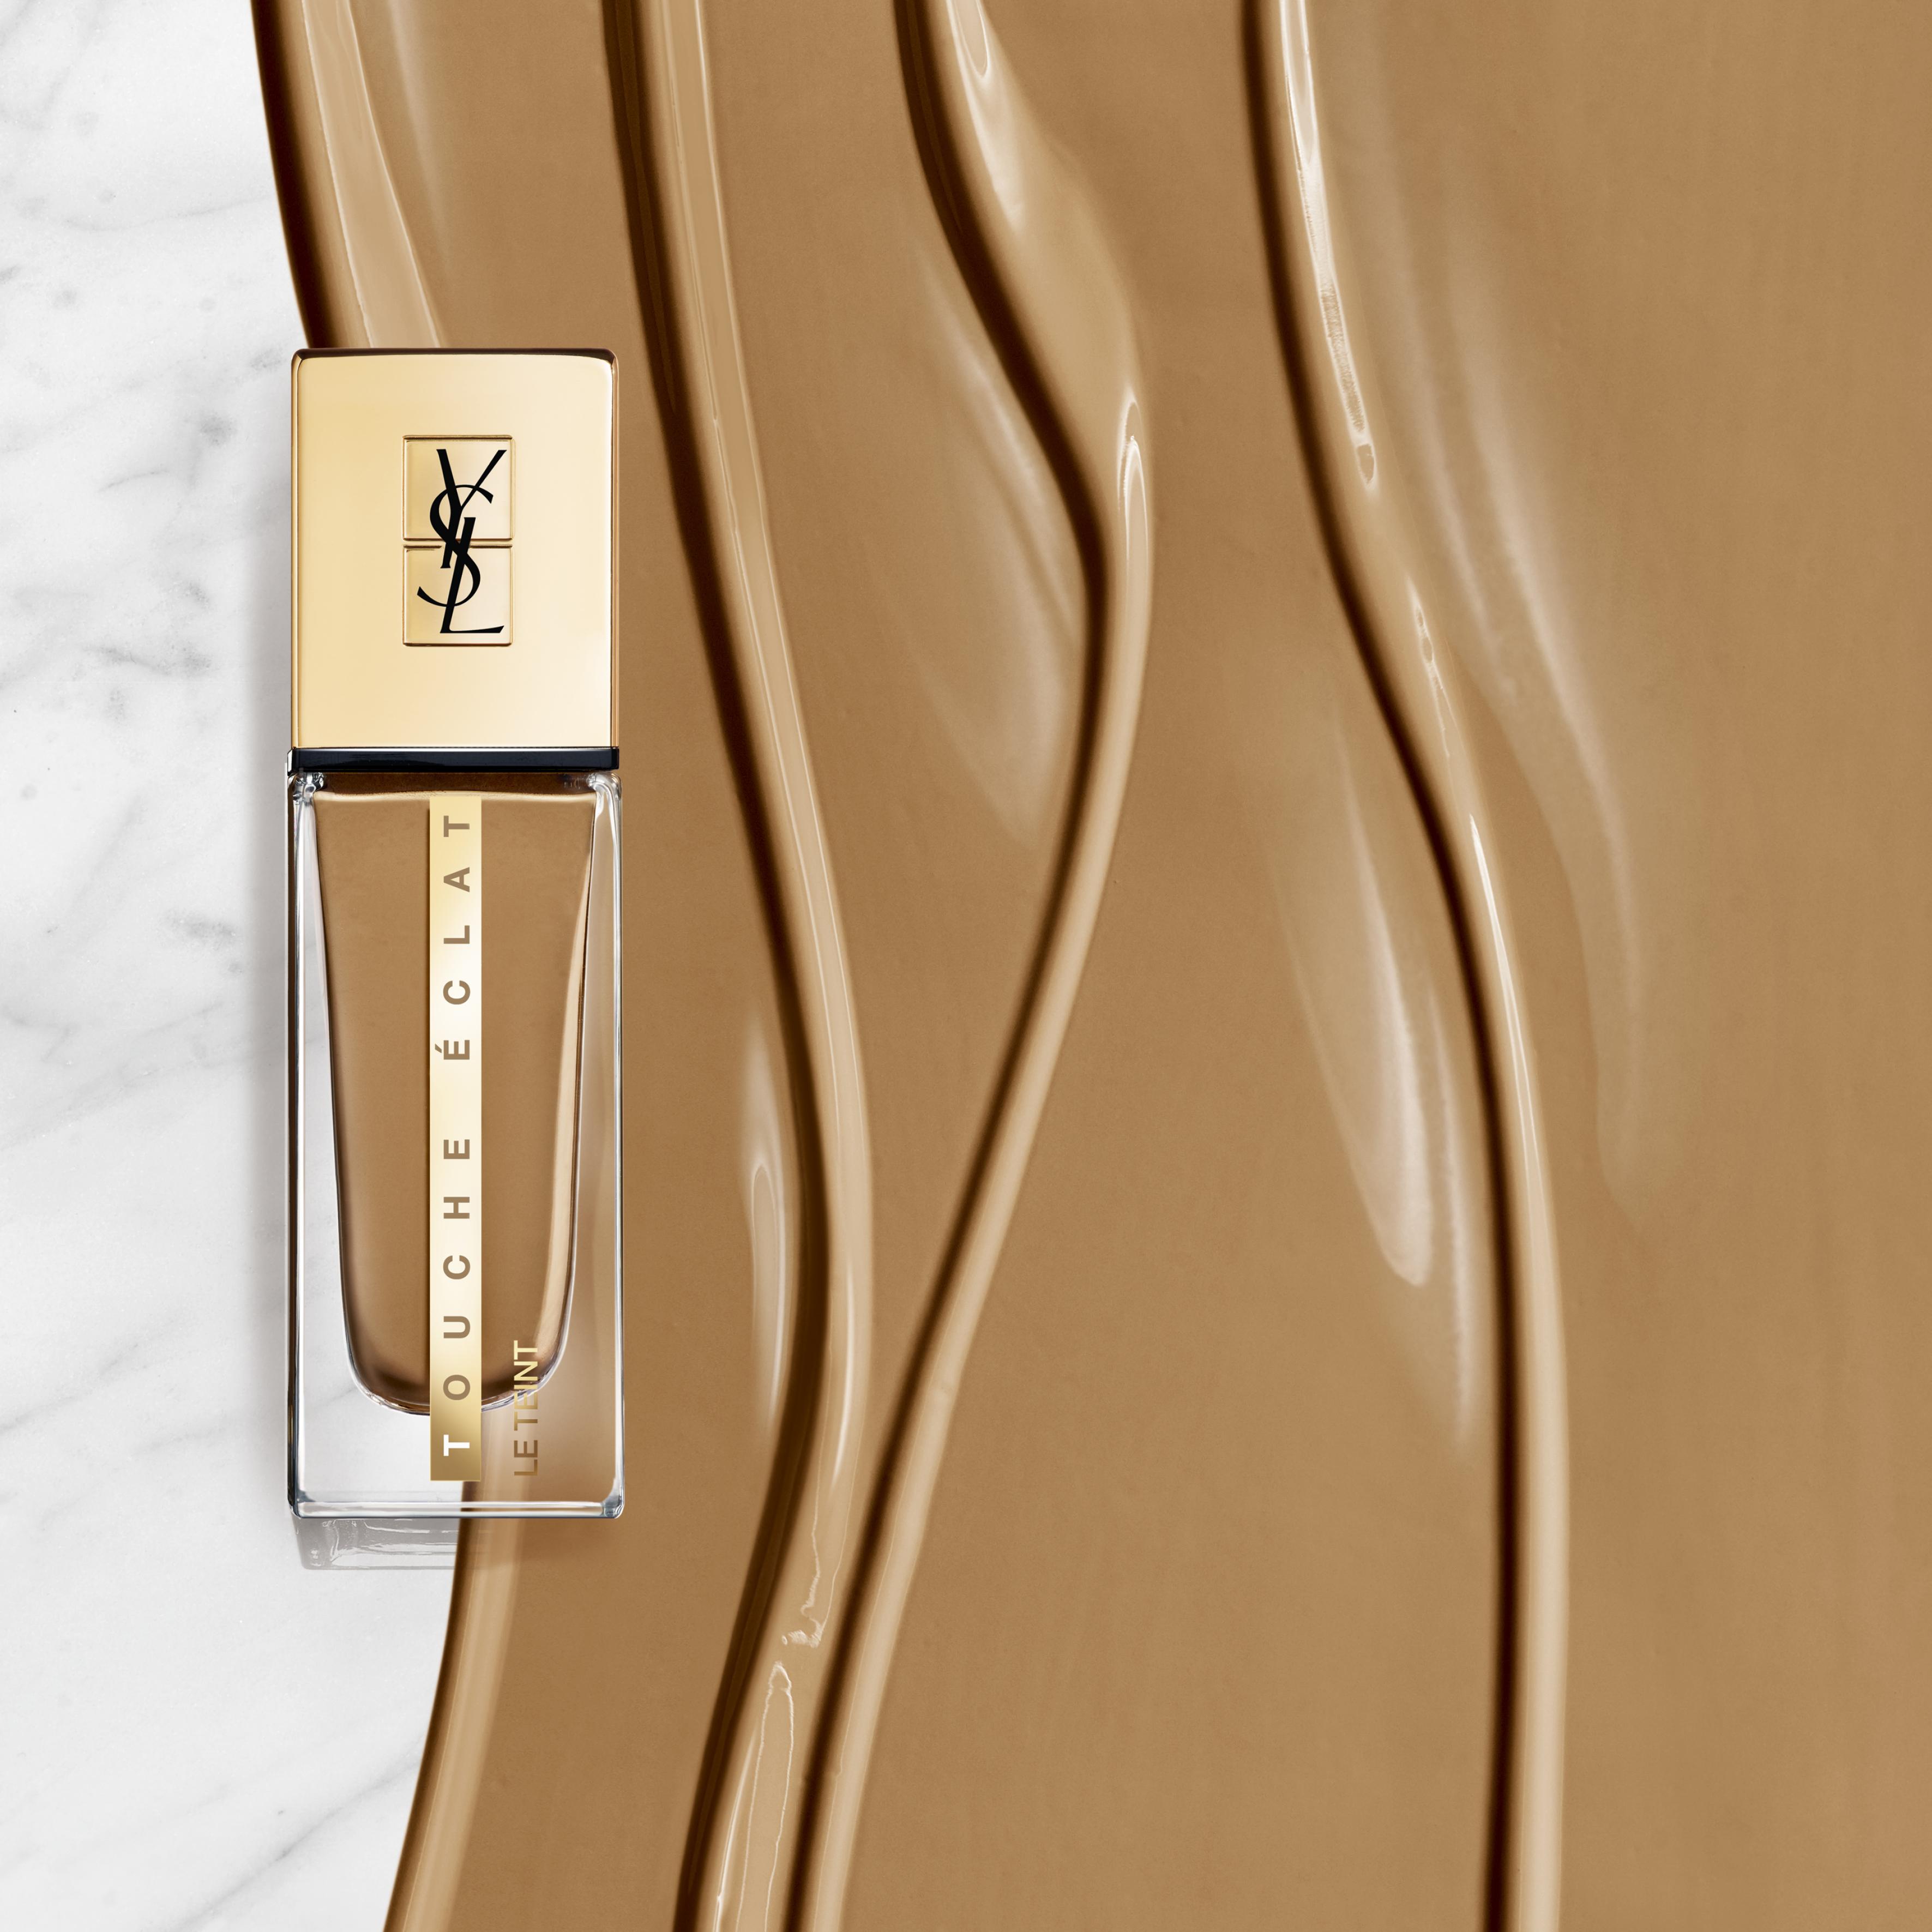 Yves Saint Laurent Le Teint Touche Eclat Foundation, BD65